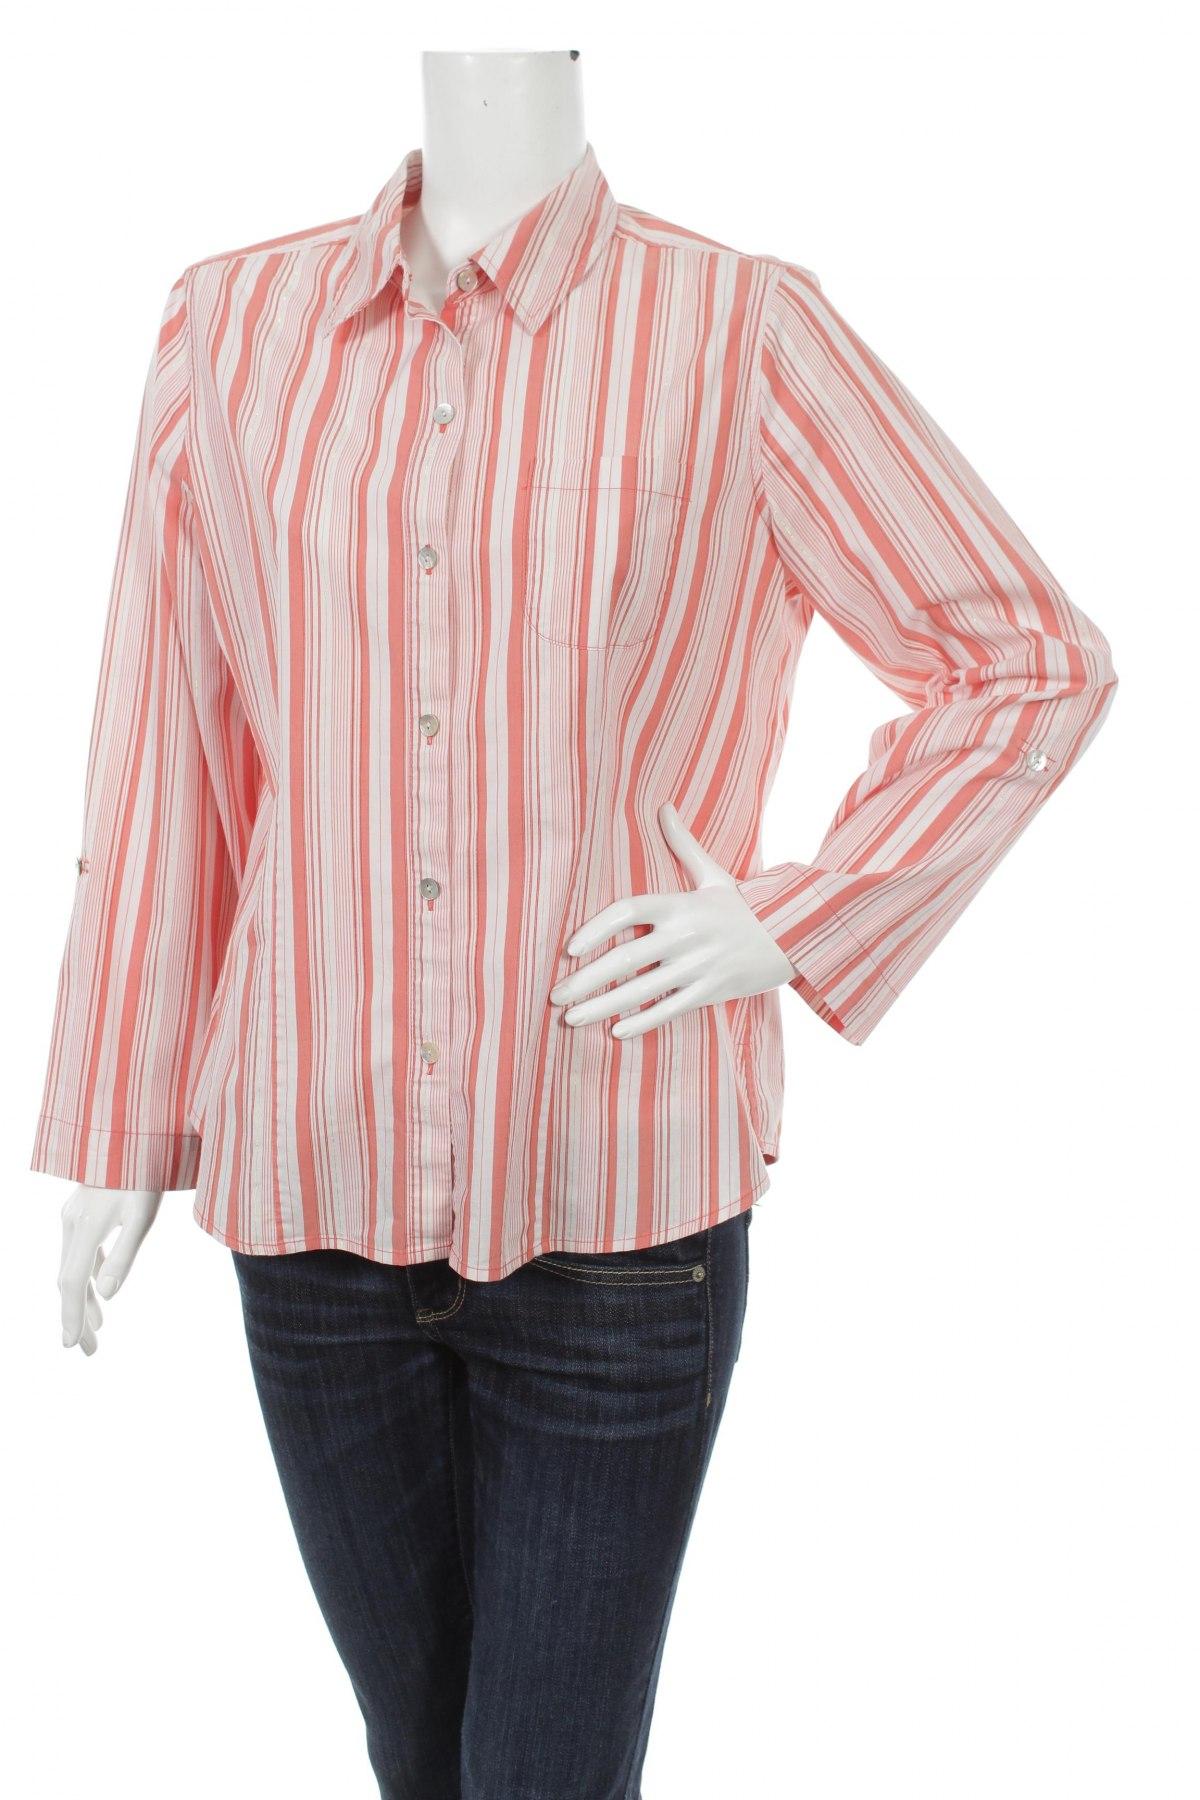 Γυναικείο πουκάμισο Chico's